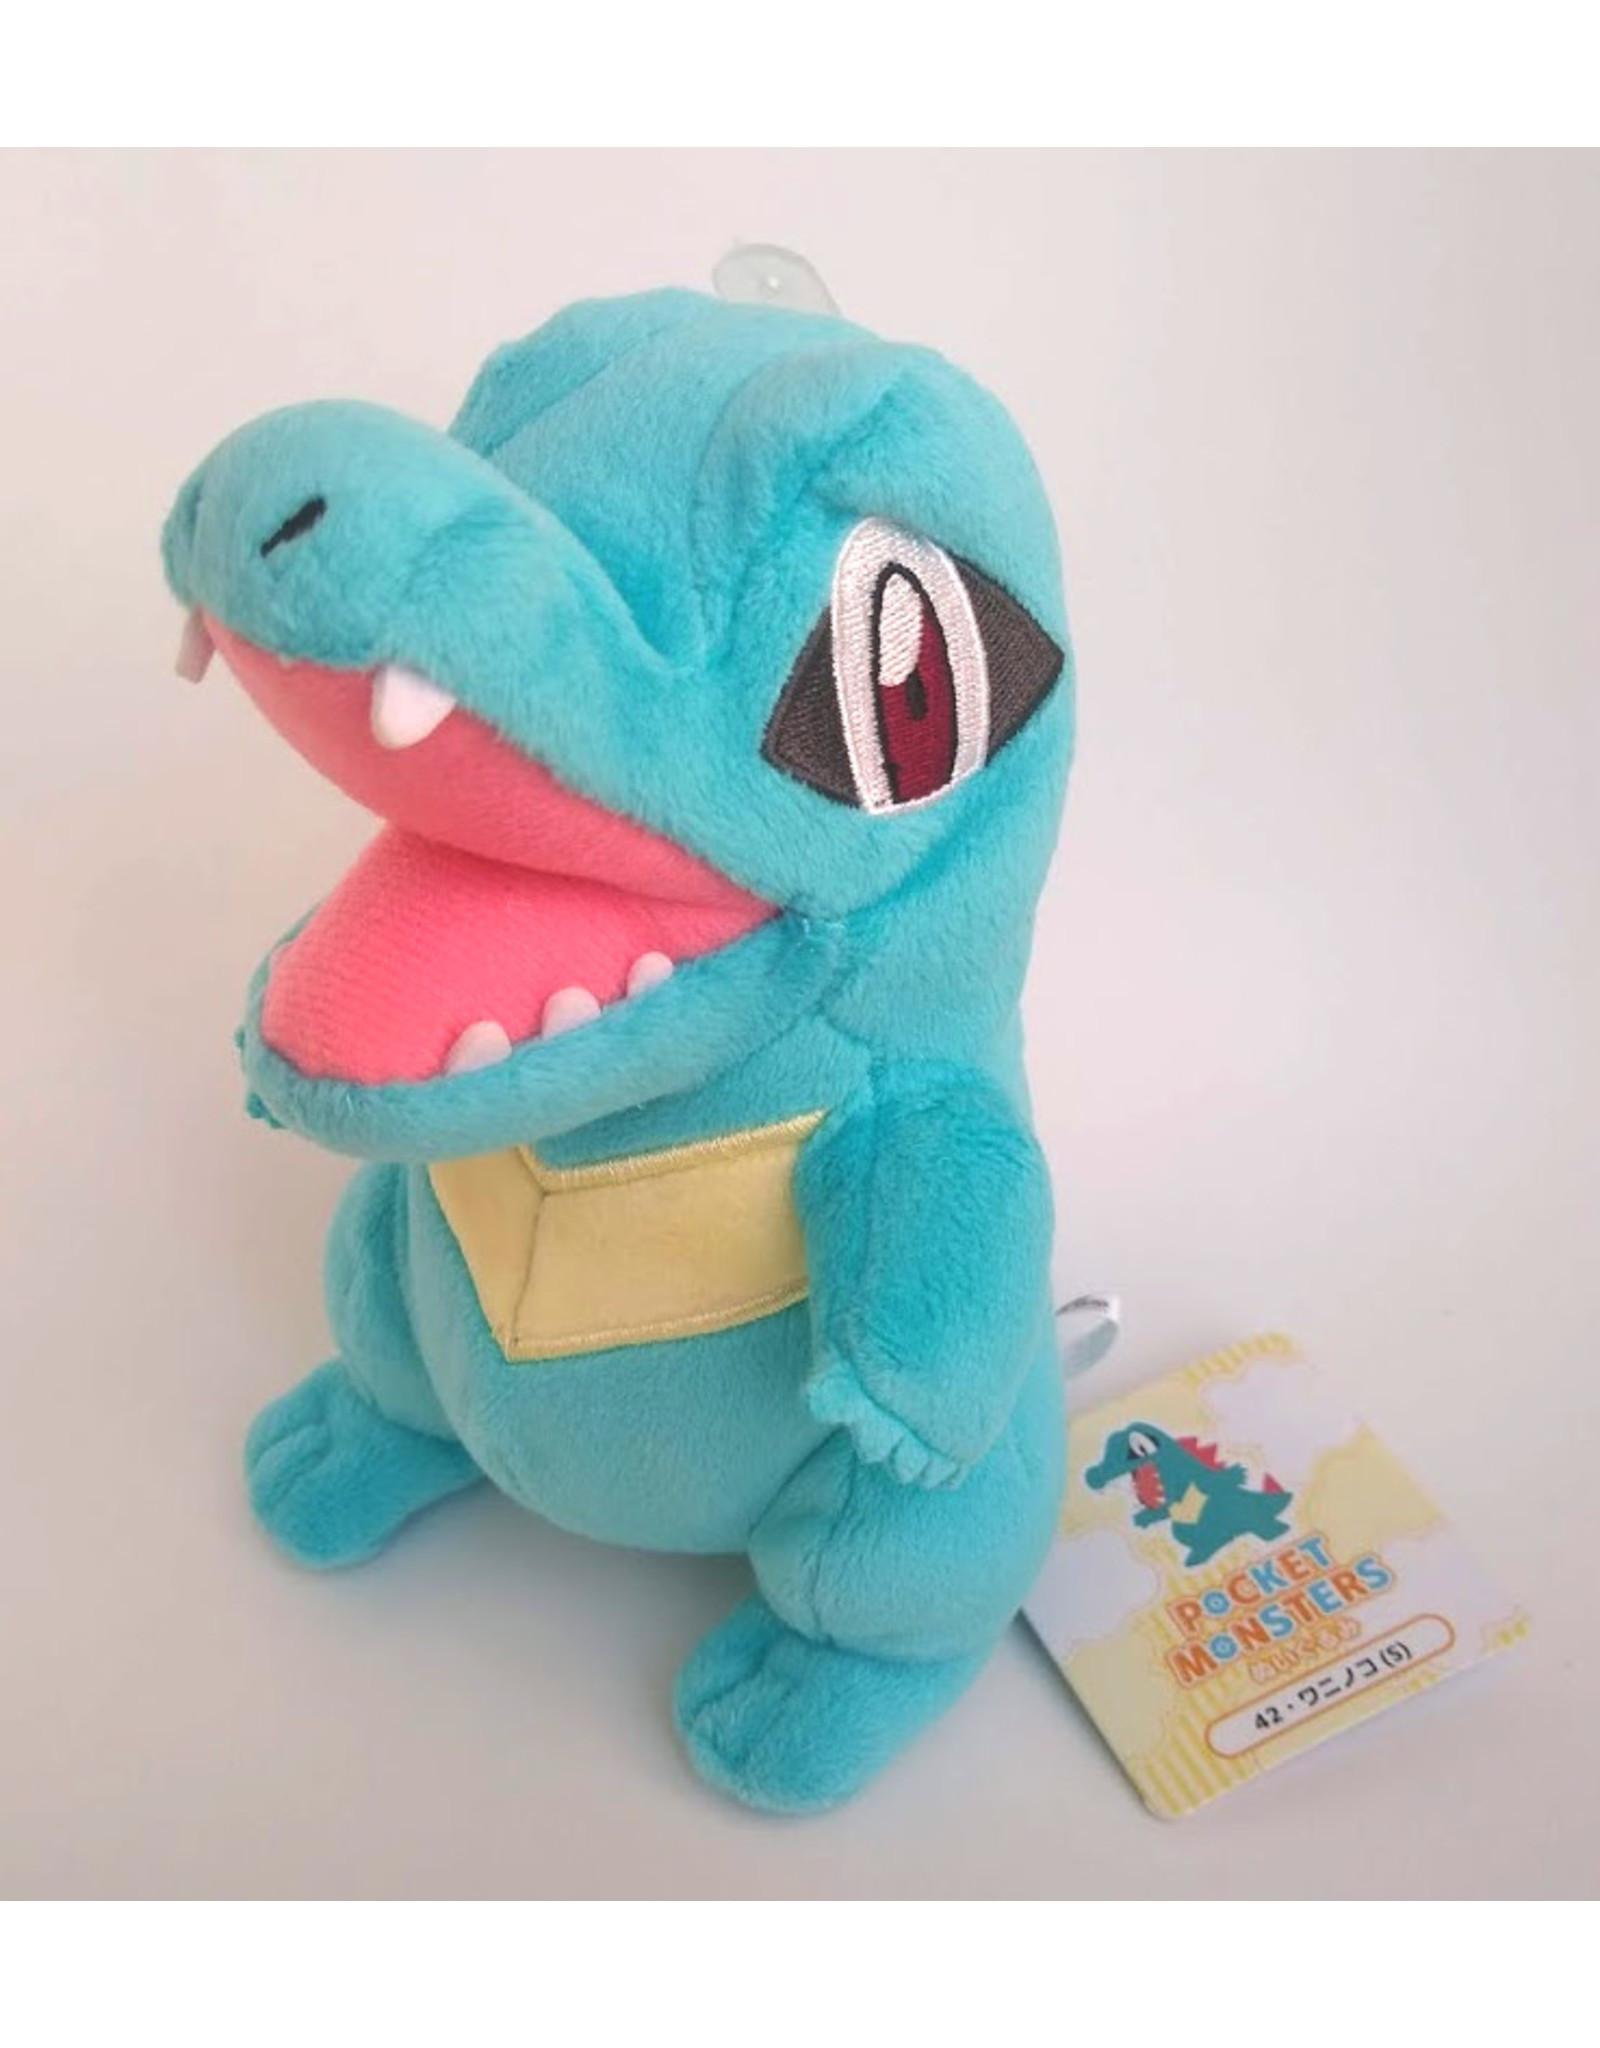 Totodile - Pokemon Plushie - 17cm (Japanese import)